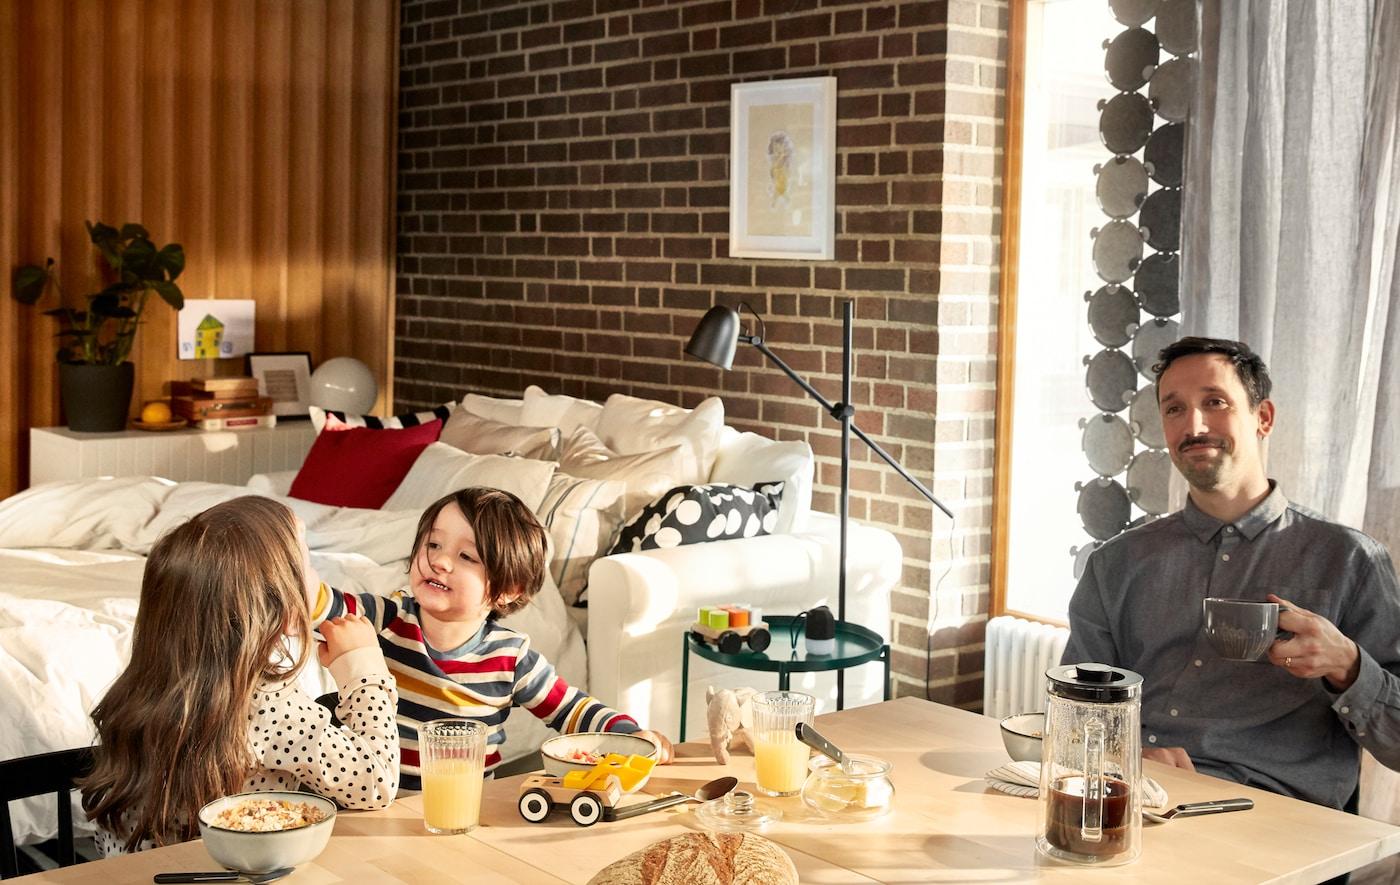 En pappa sitter lugnt vid frukostbordet och dricker kaffe medan hans två barn sitter bredvid honom vid bordet.